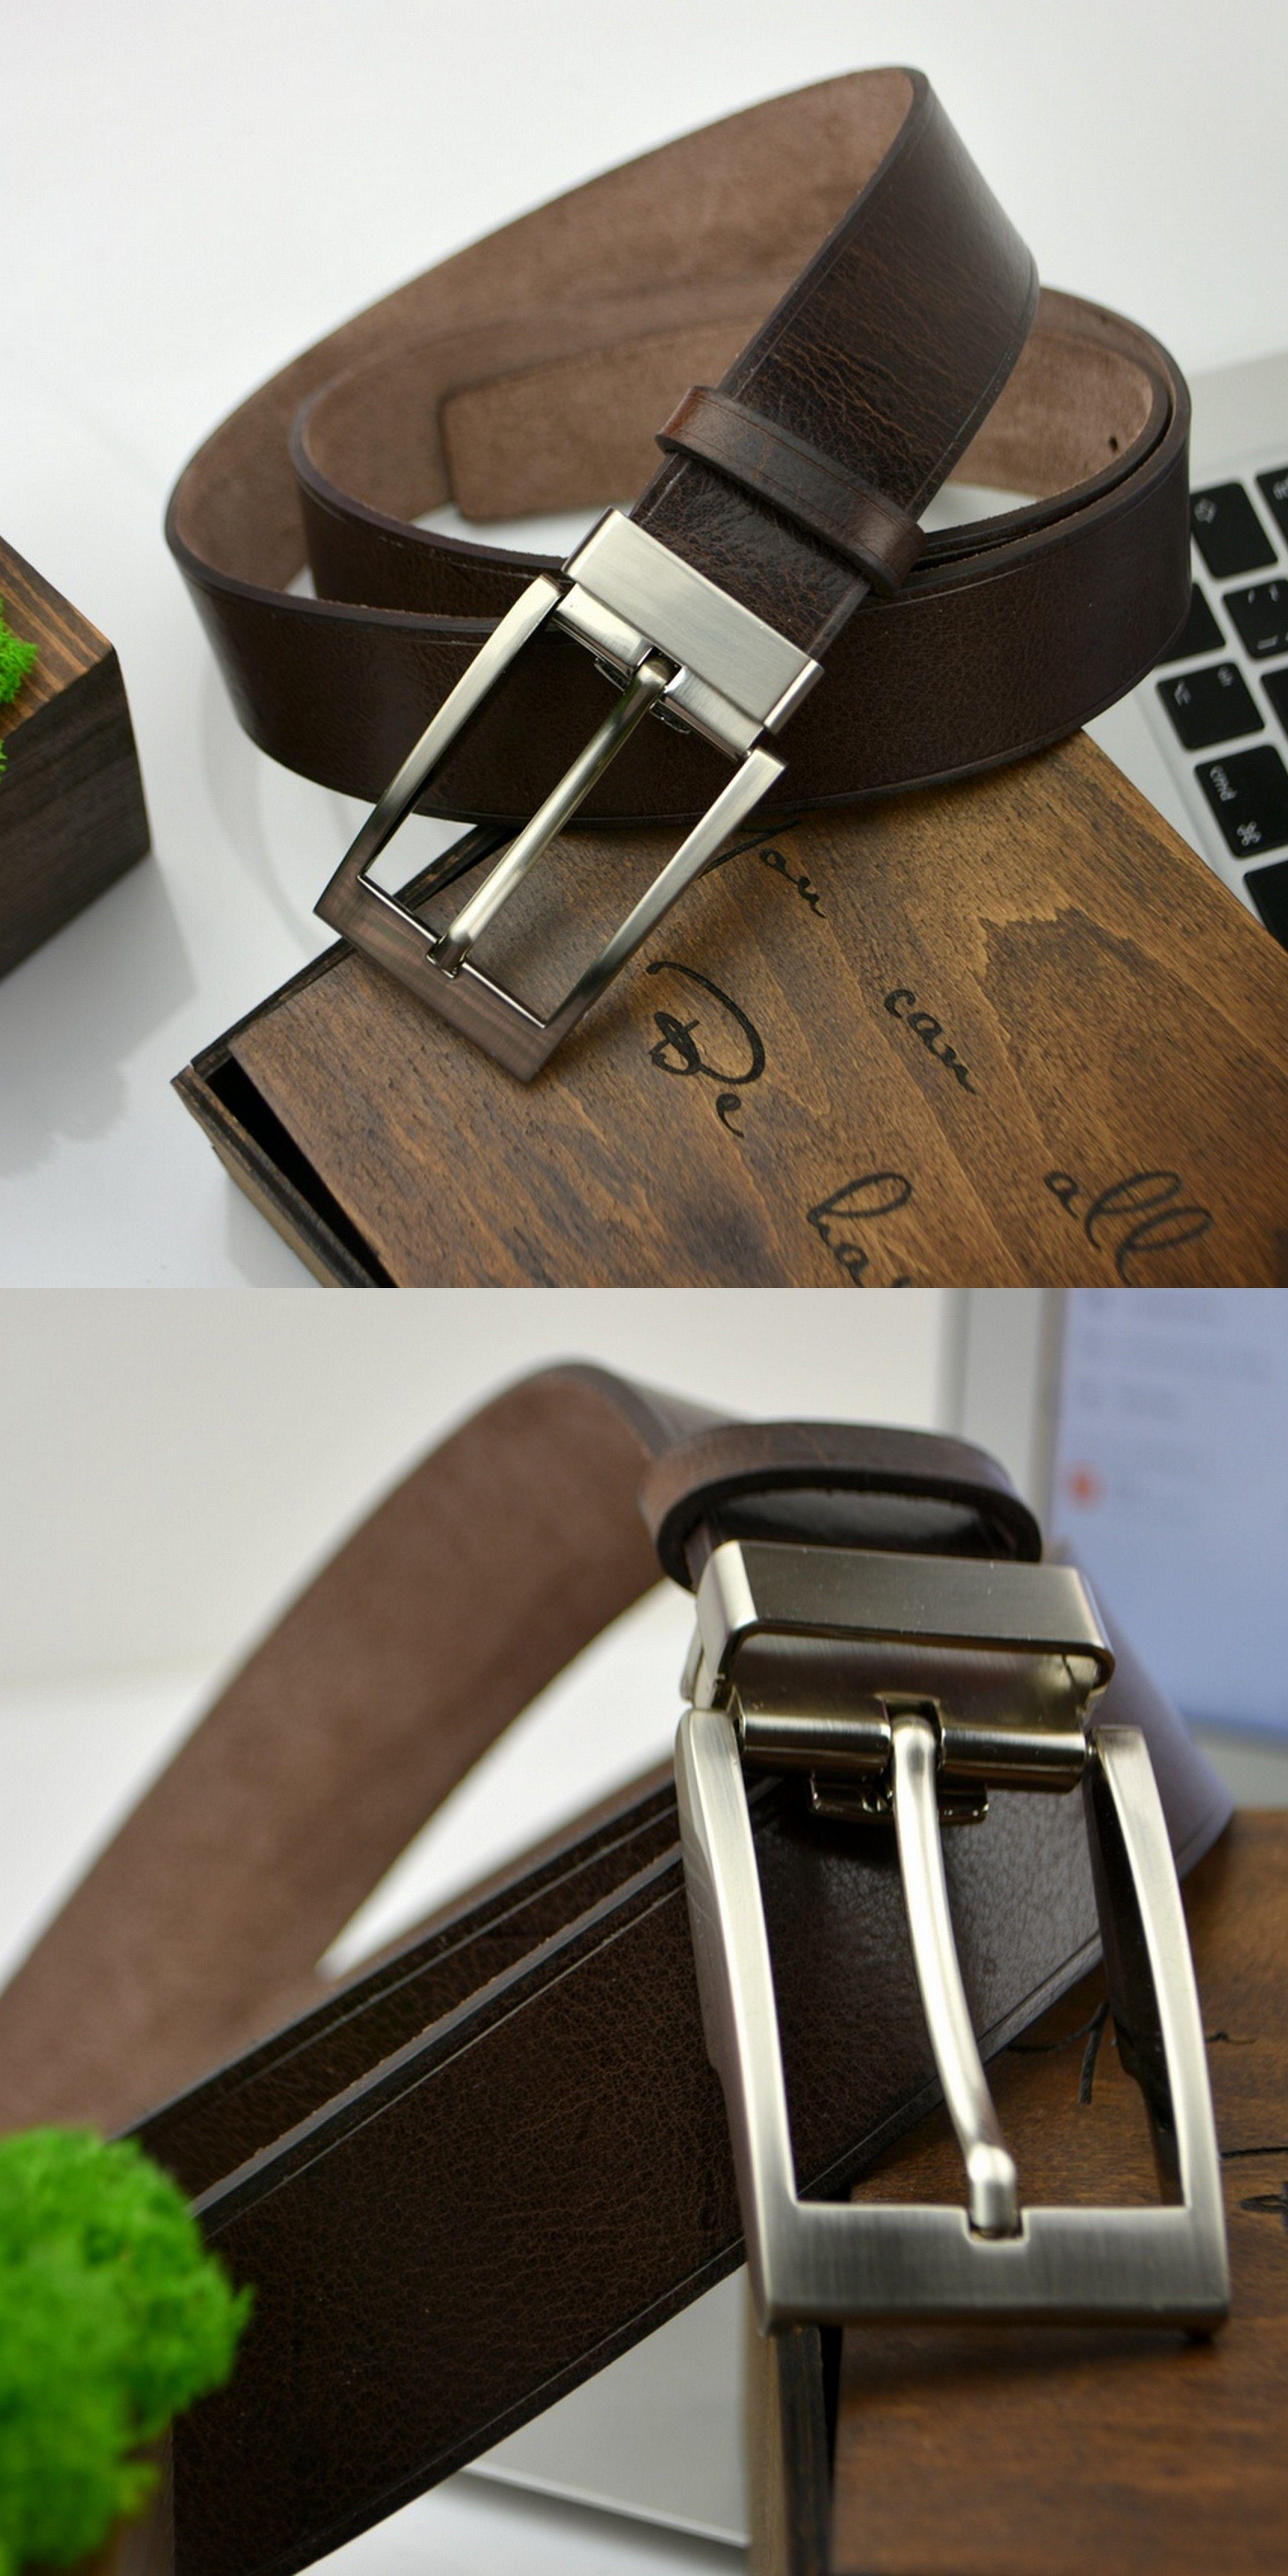 ec2a48e259a Mens leather belt Vintage leather belt Custom leather belt Personalized  belt Leather belt Gift for men Groomsmen Belt Wedding Belt  mensbelt   vintagebelt ...